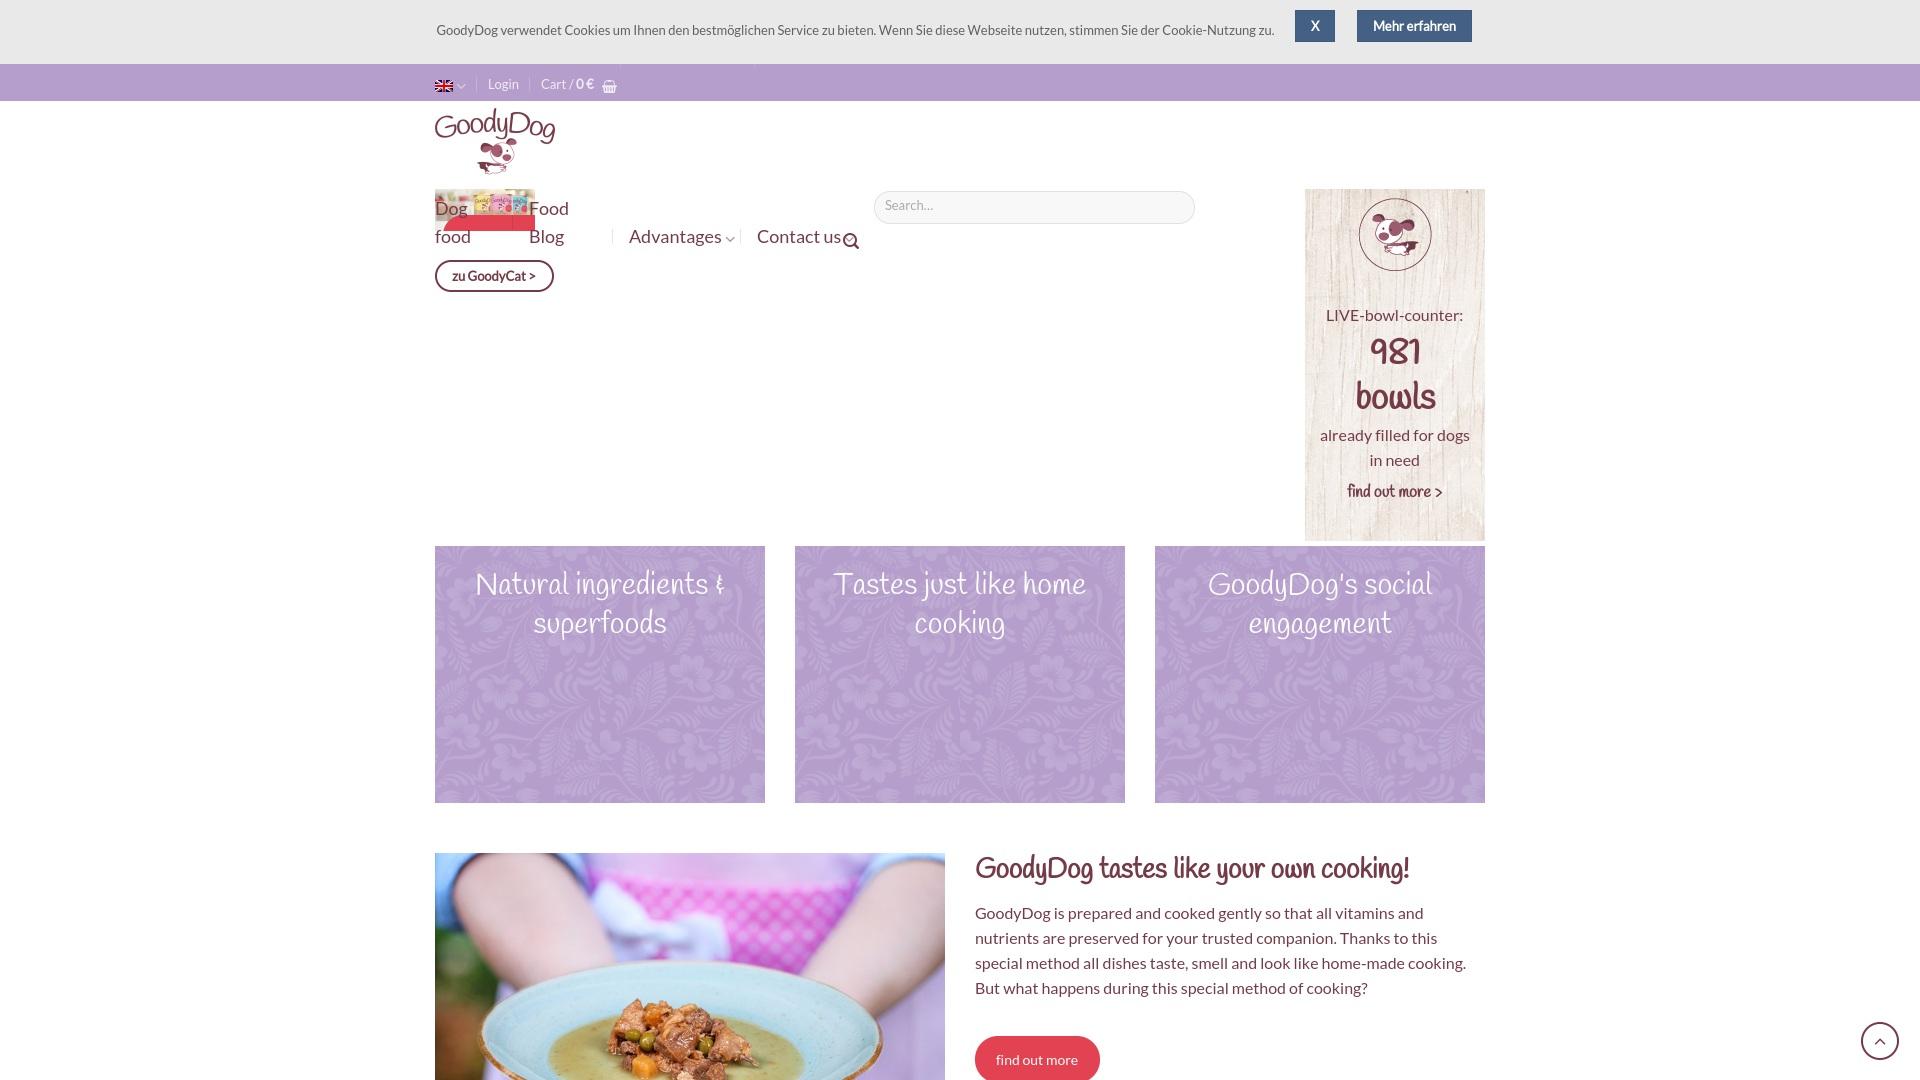 Gutschein für Goodydog: Rabatte für  Goodydog sichern